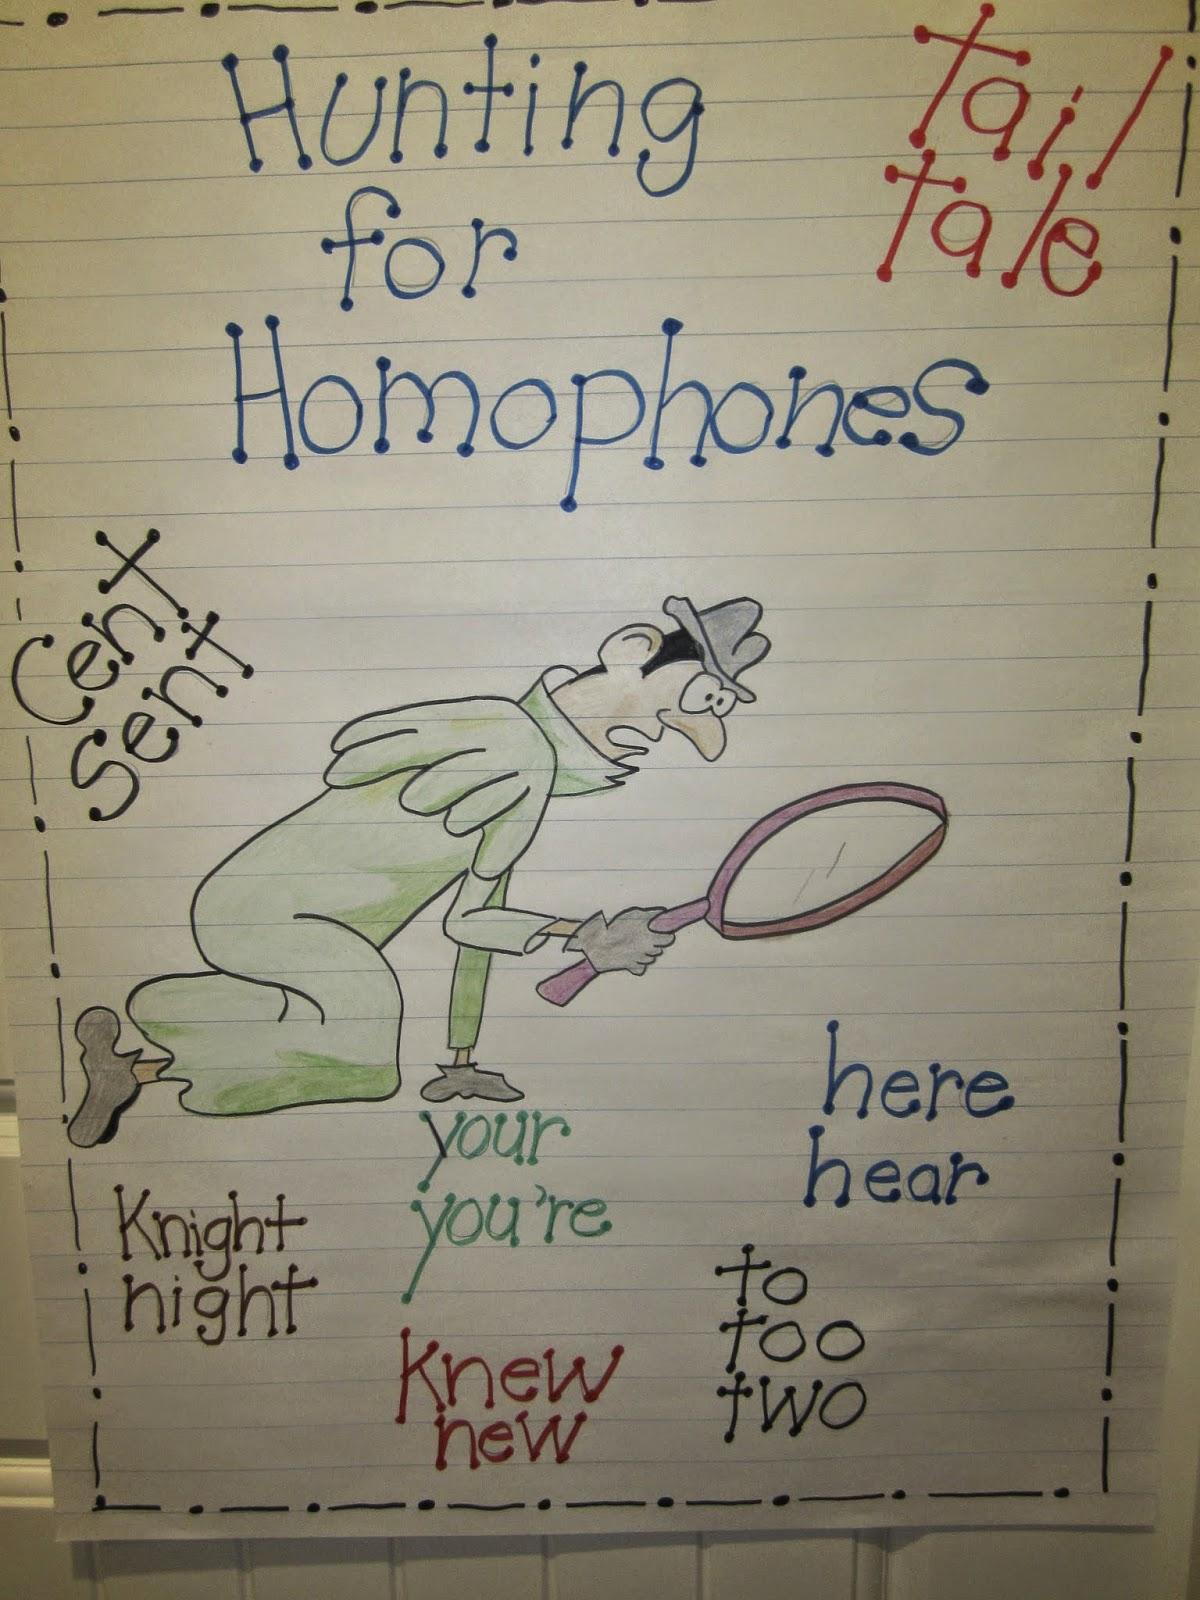 Classroom Freebies Too Hunting Homophones